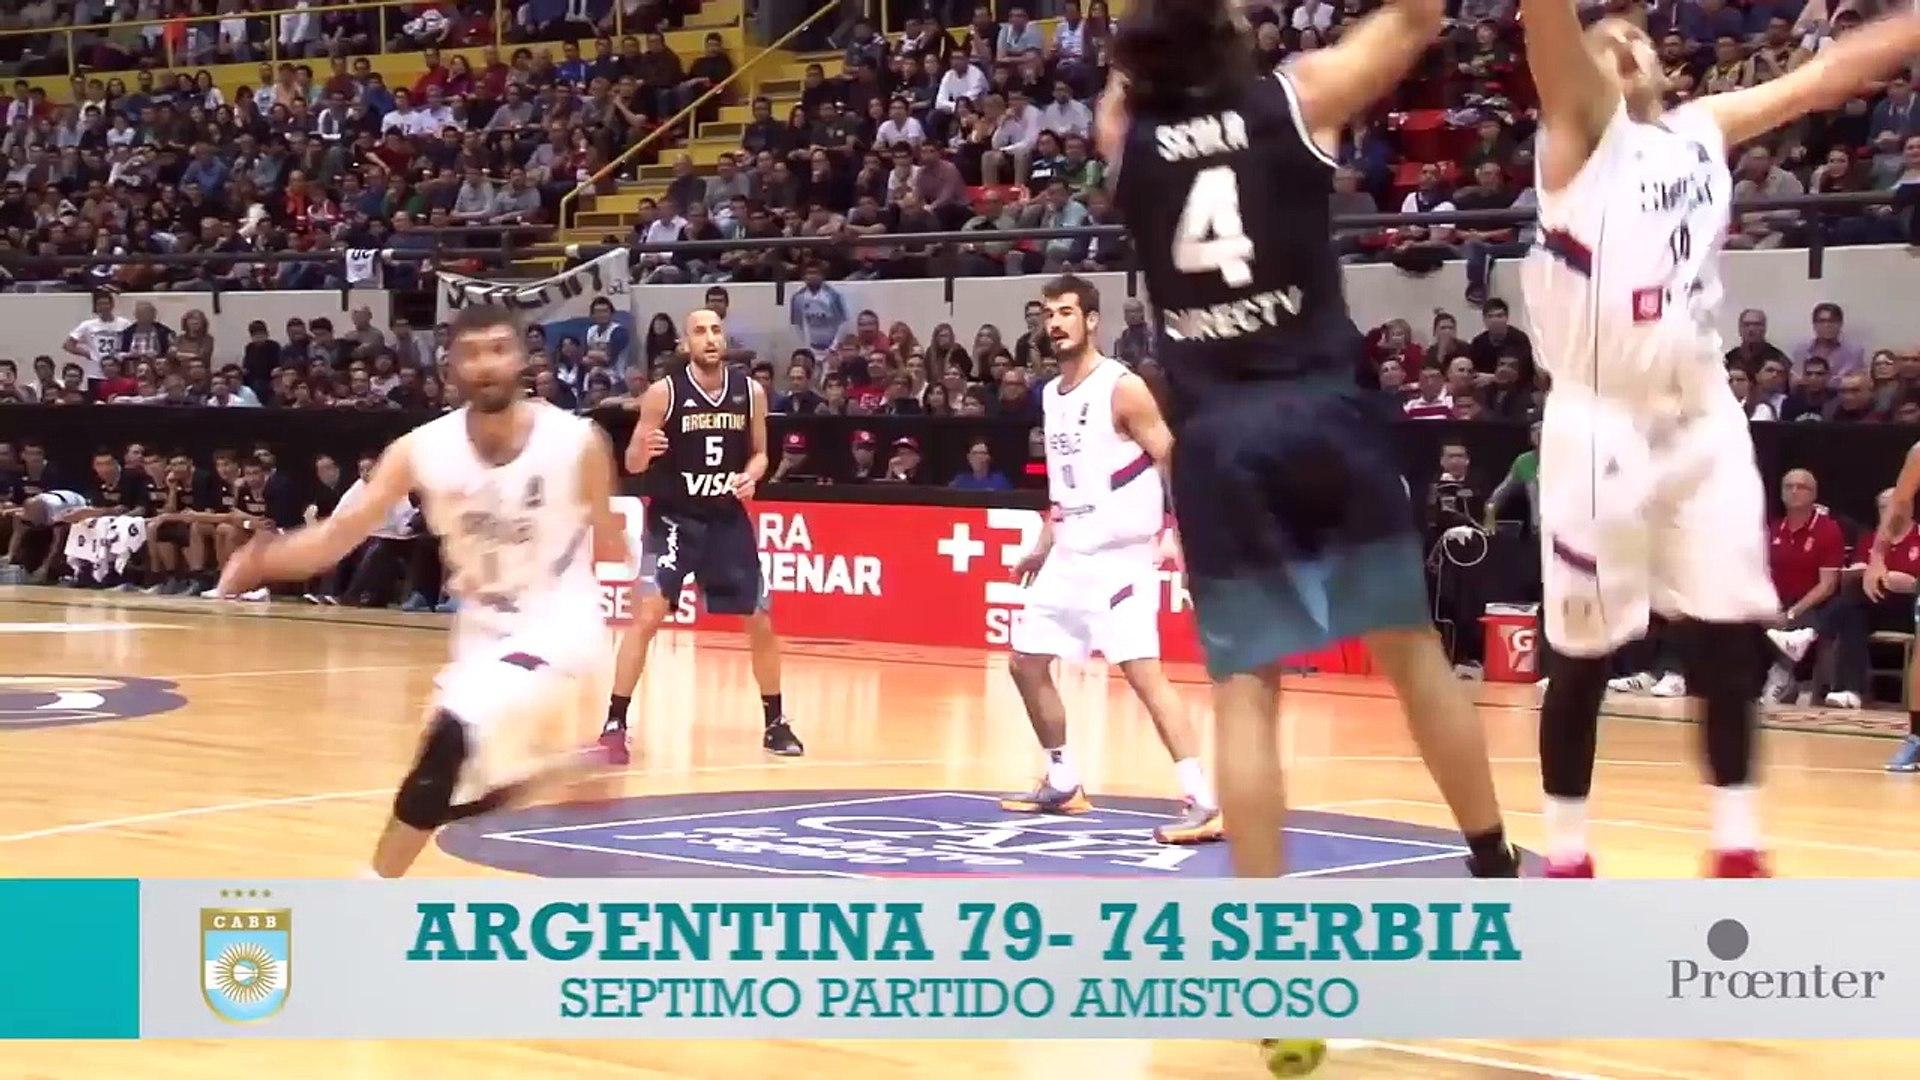 Súper 4:  Argentina 79 - 74 Serbia - Highlights - (31.07.2016)